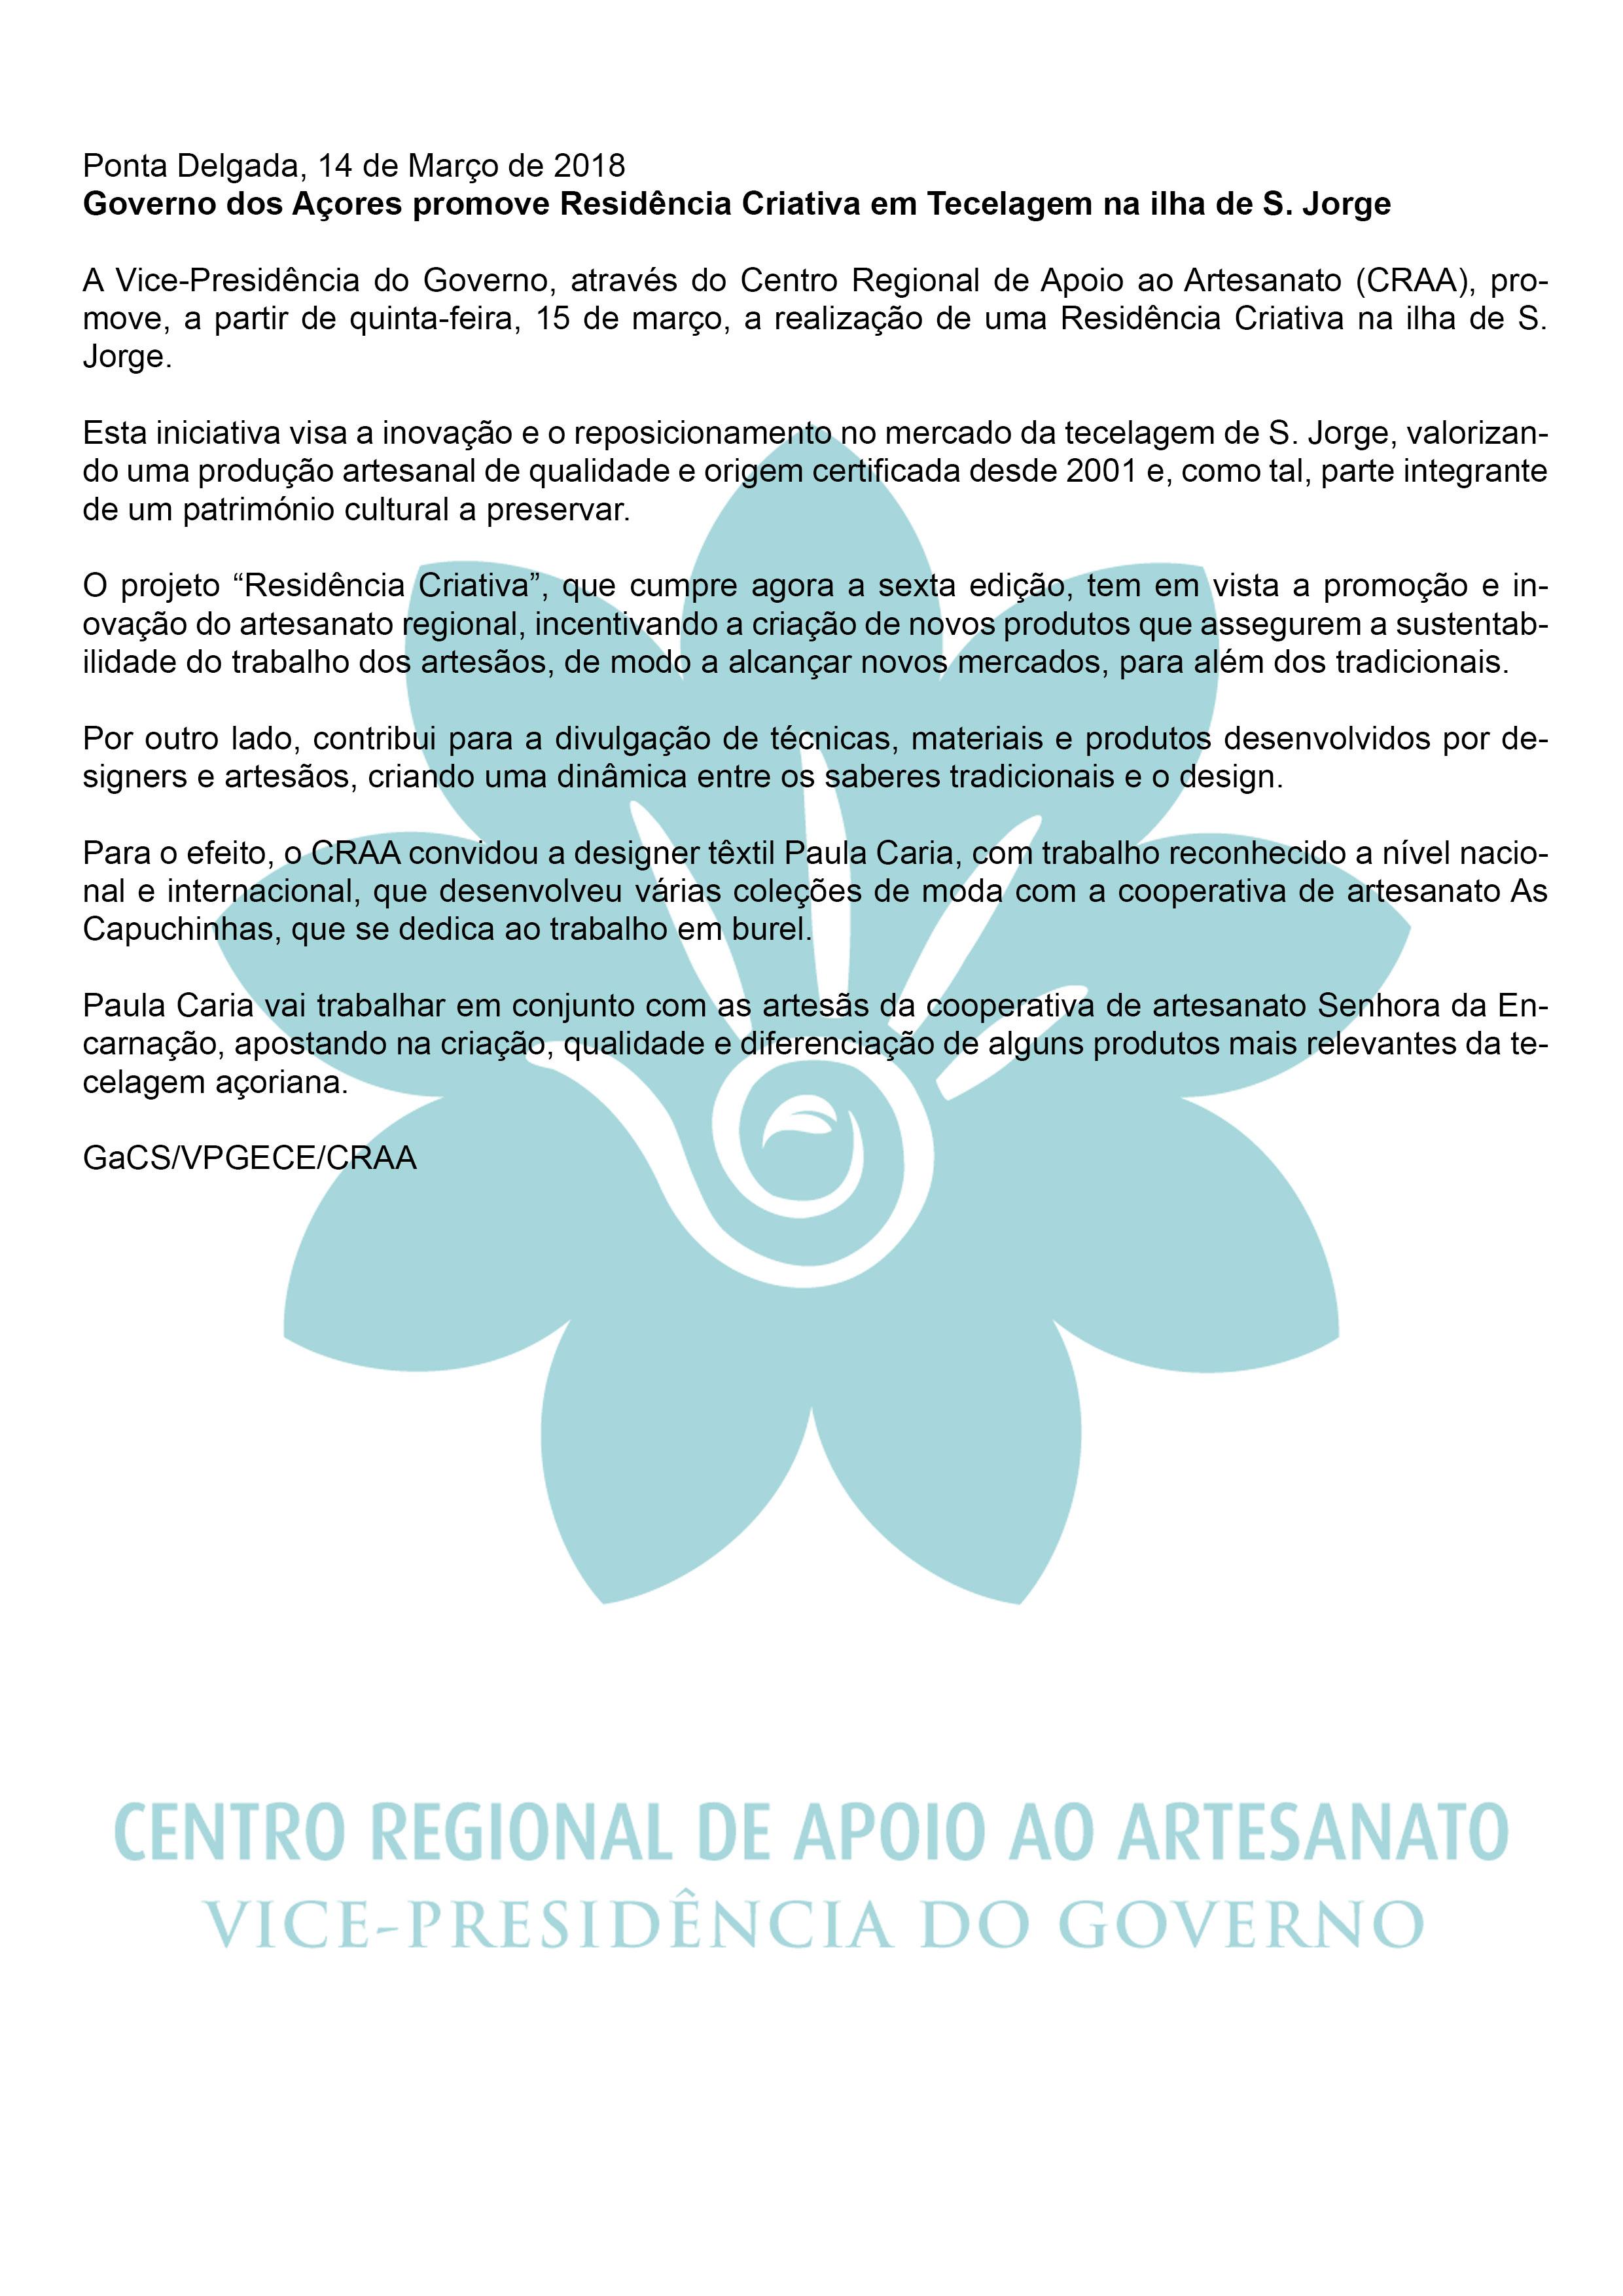 governo dos acores promove residencia criativa em tecelagem sjorge pt